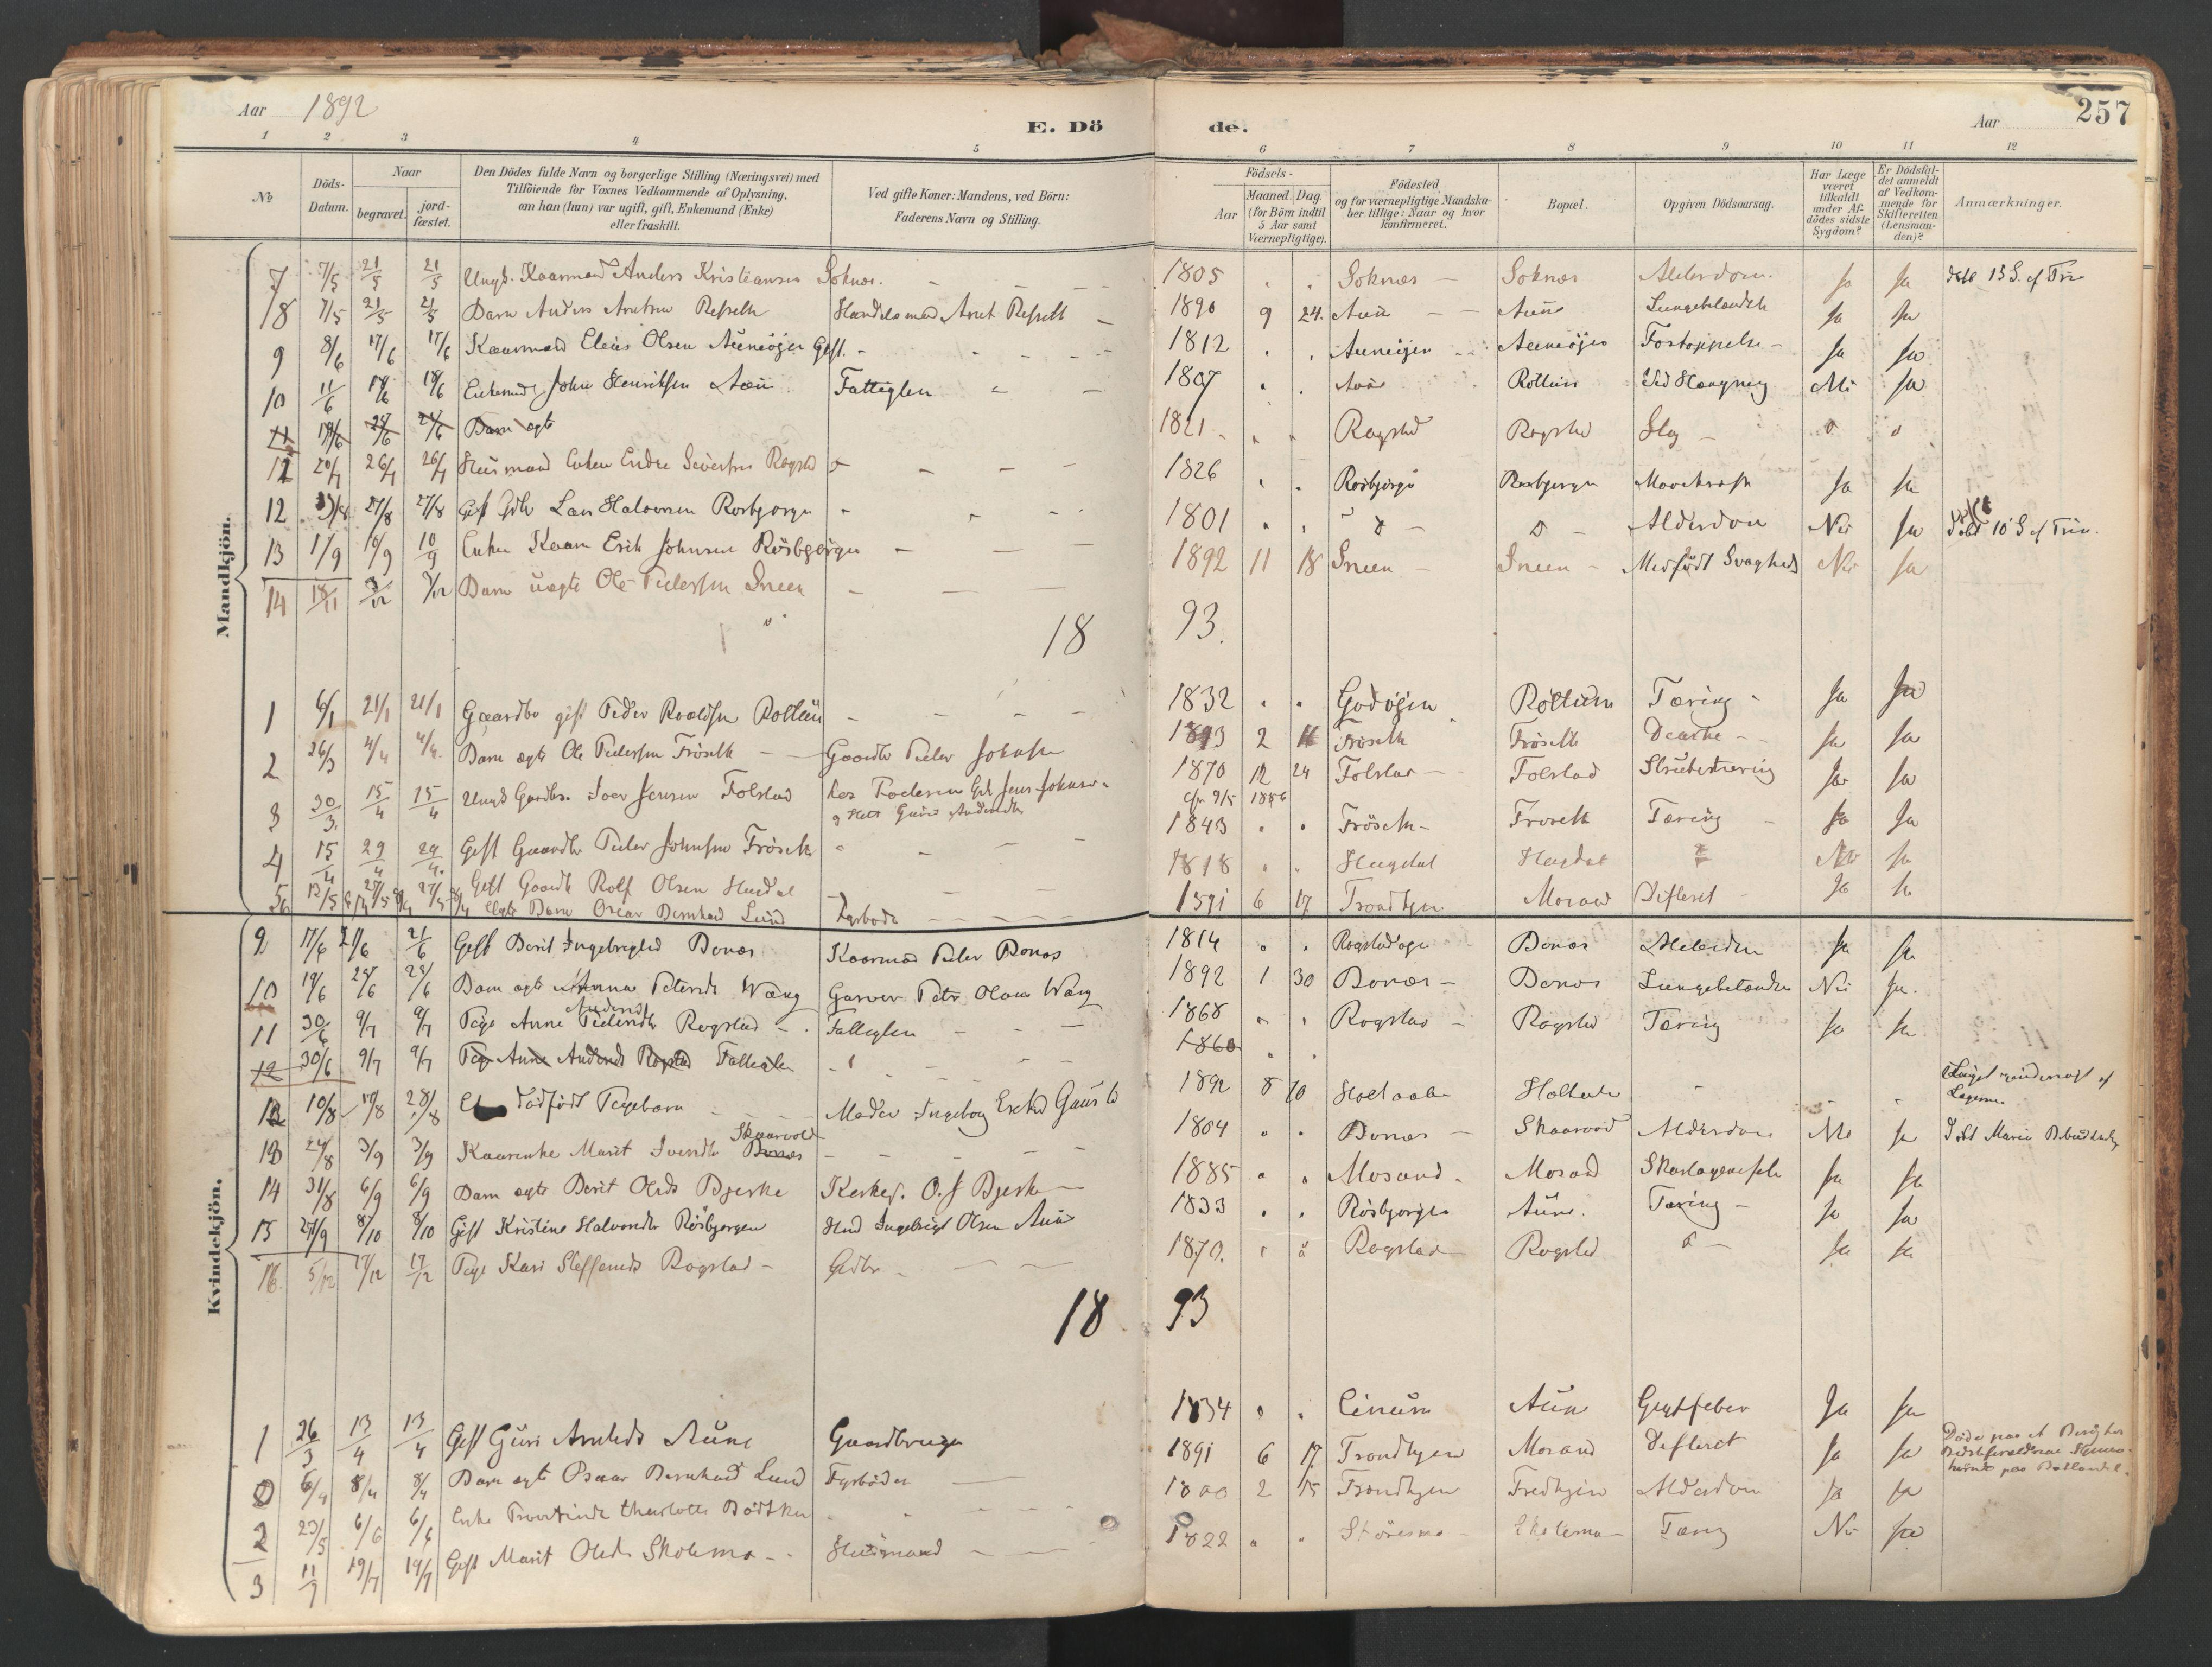 SAT, Ministerialprotokoller, klokkerbøker og fødselsregistre - Sør-Trøndelag, 687/L1004: Ministerialbok nr. 687A10, 1891-1923, s. 257